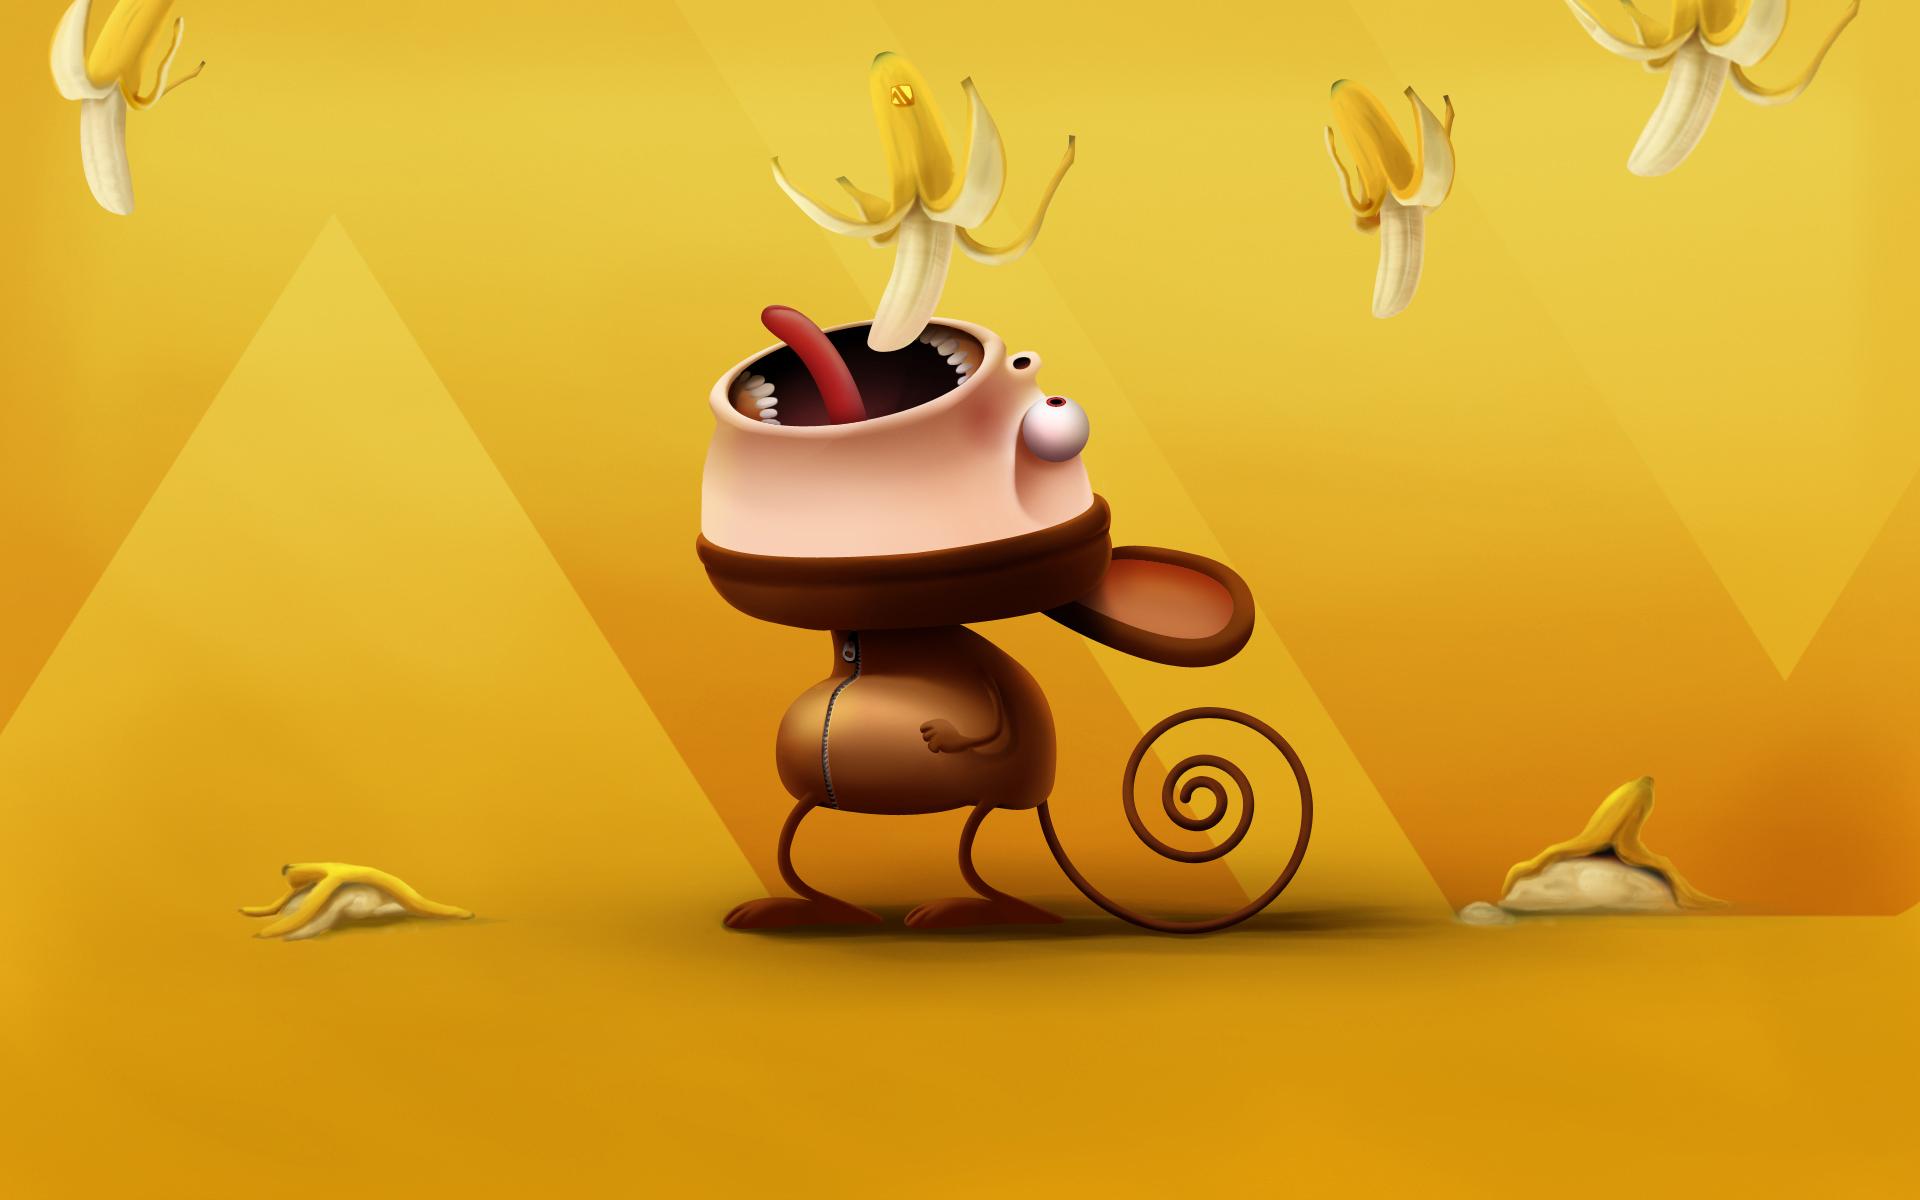 обезьянка ест бананы, скачать фото, yellow banana wallpaper, обои